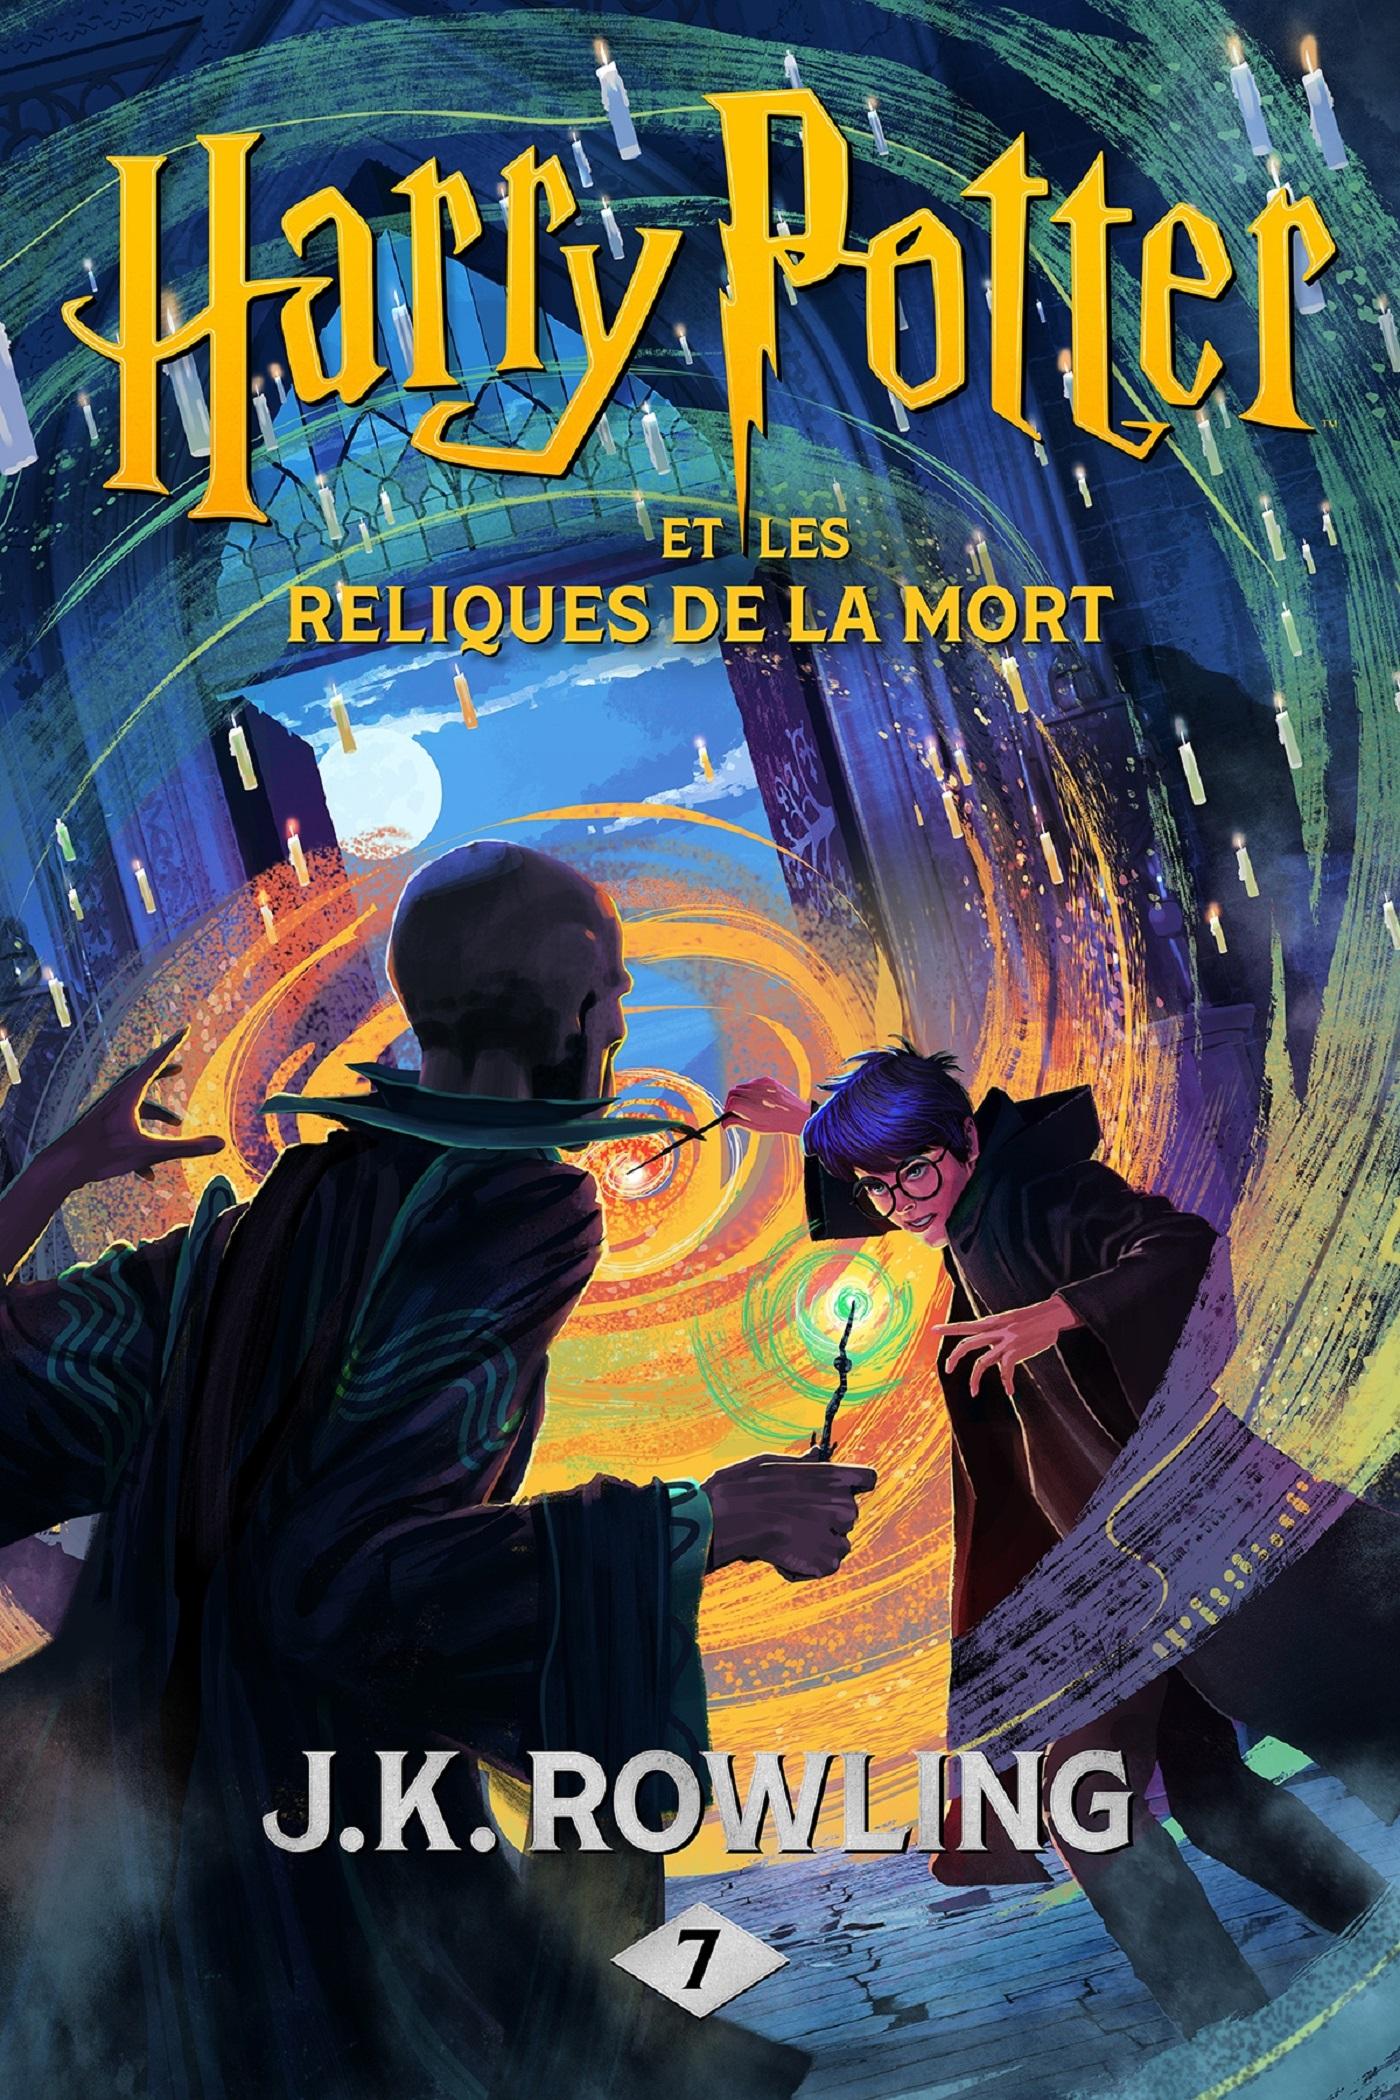 Couverture : Harry Potter T.7 : Harry Potter et les Reliques de la Mort J.k. Rowling